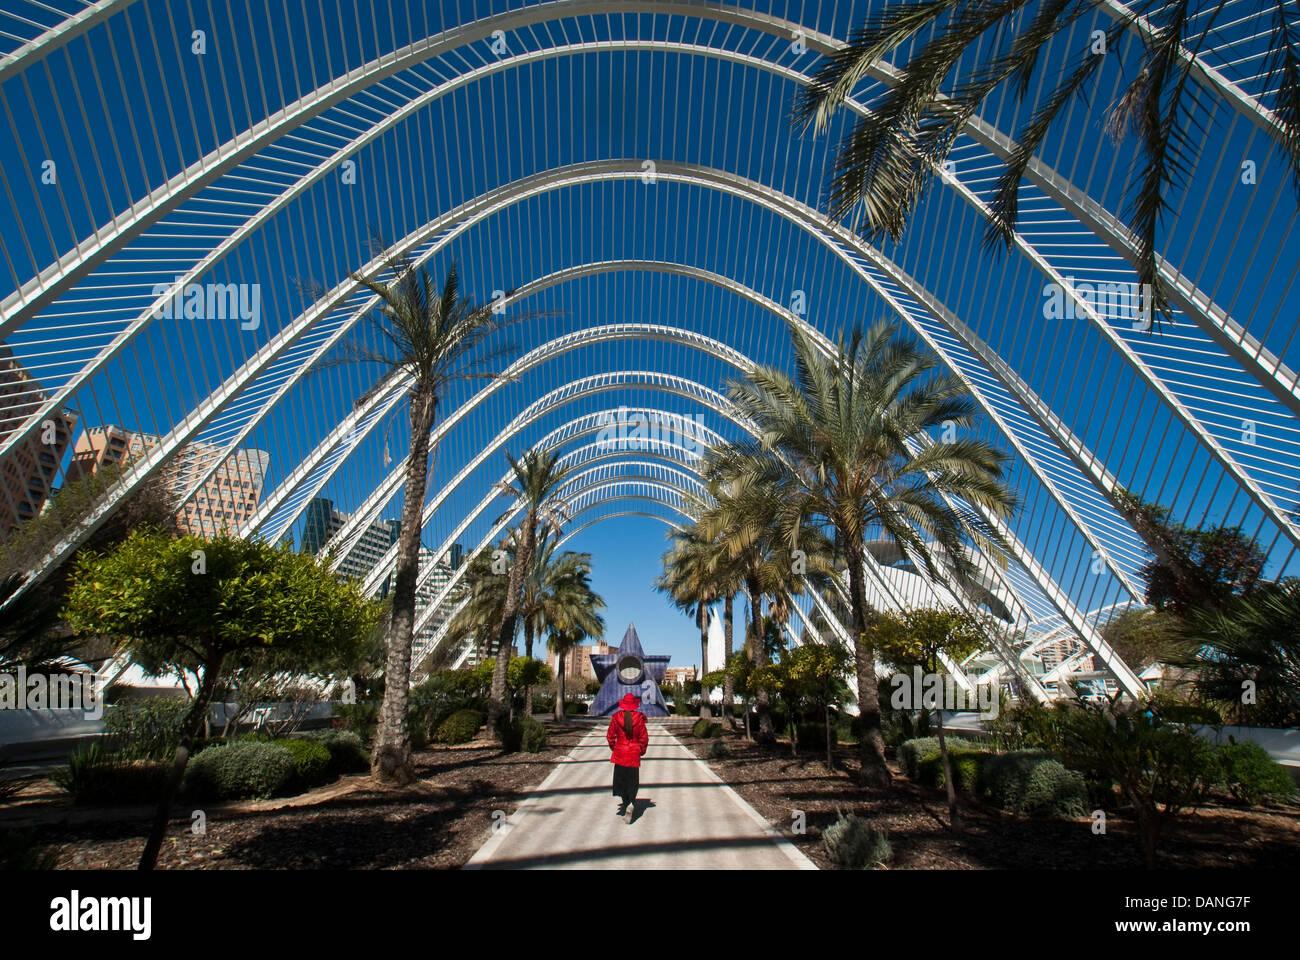 Valencias Stadt der Künste und Wissenschaften Umbracle begrünte Esplanade und Ausstellung Zone. Stockbild